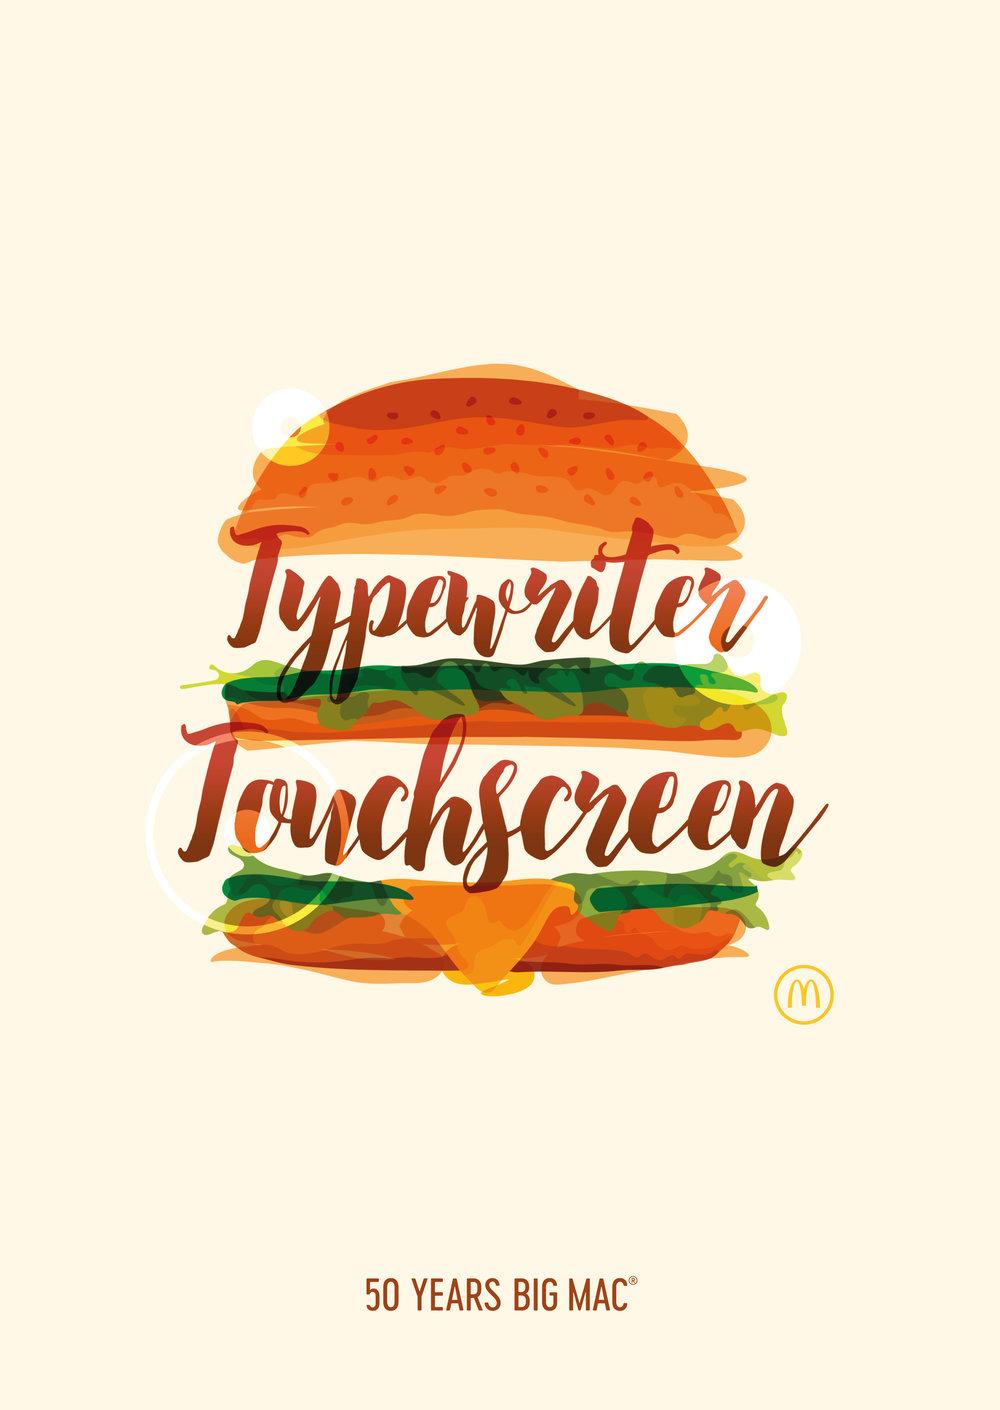 51_Typewriter:Touchscreen.jpg